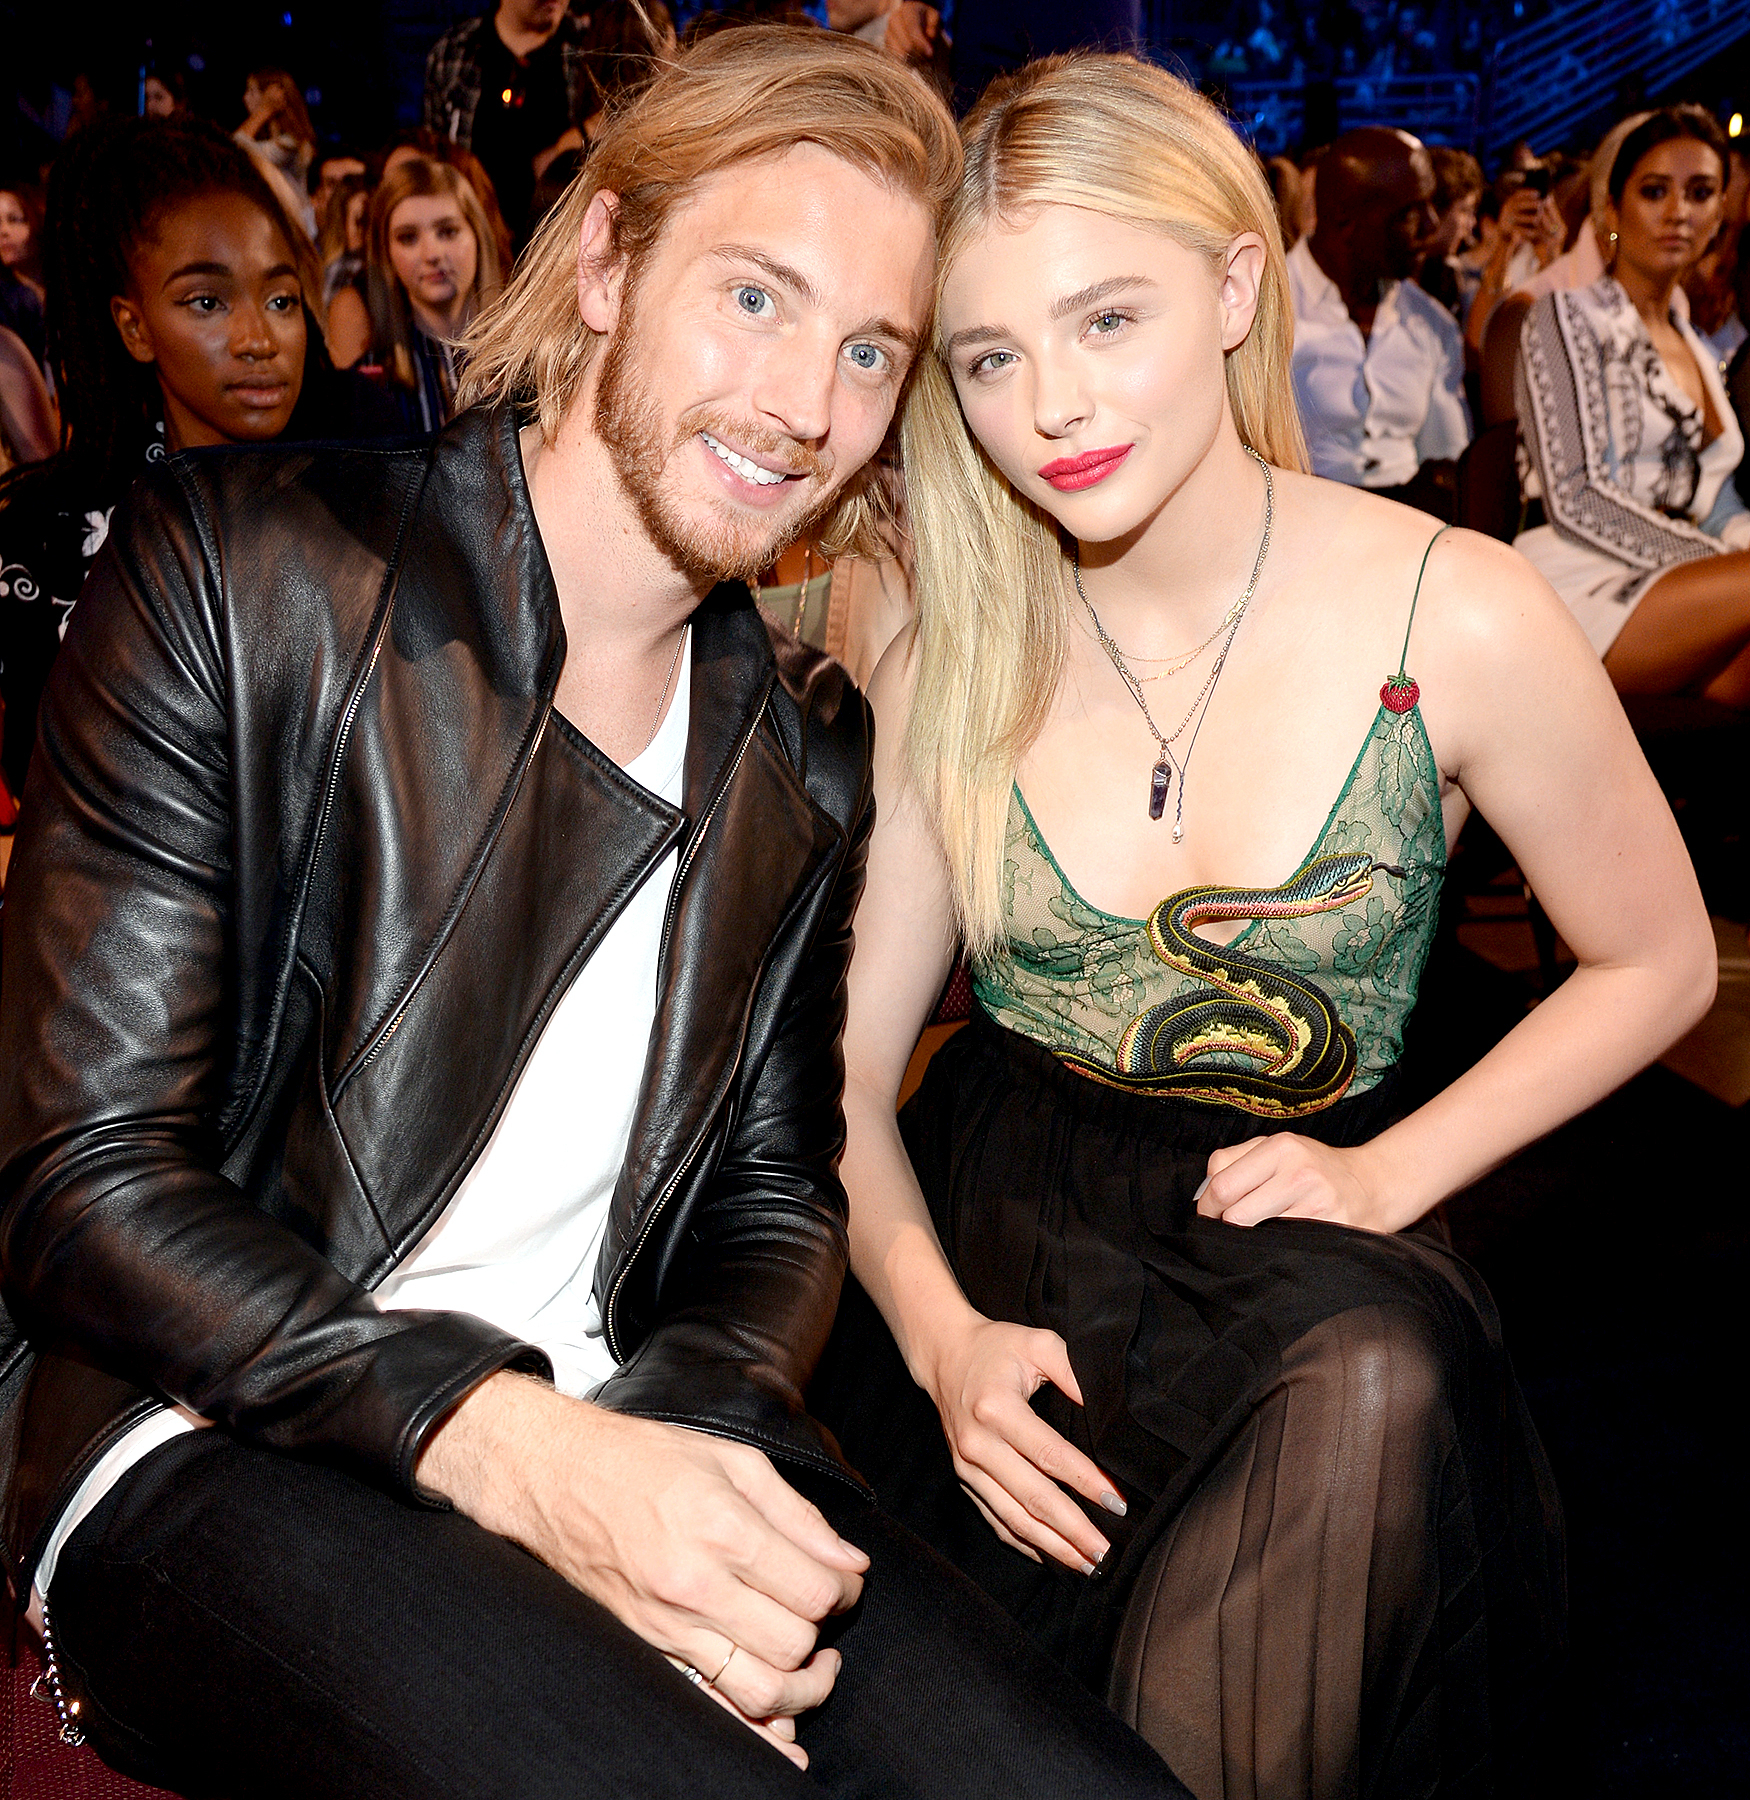 Trevor Duke Moretz and Chloe Grace Moretz attend the Teen Choice Awards 2015.